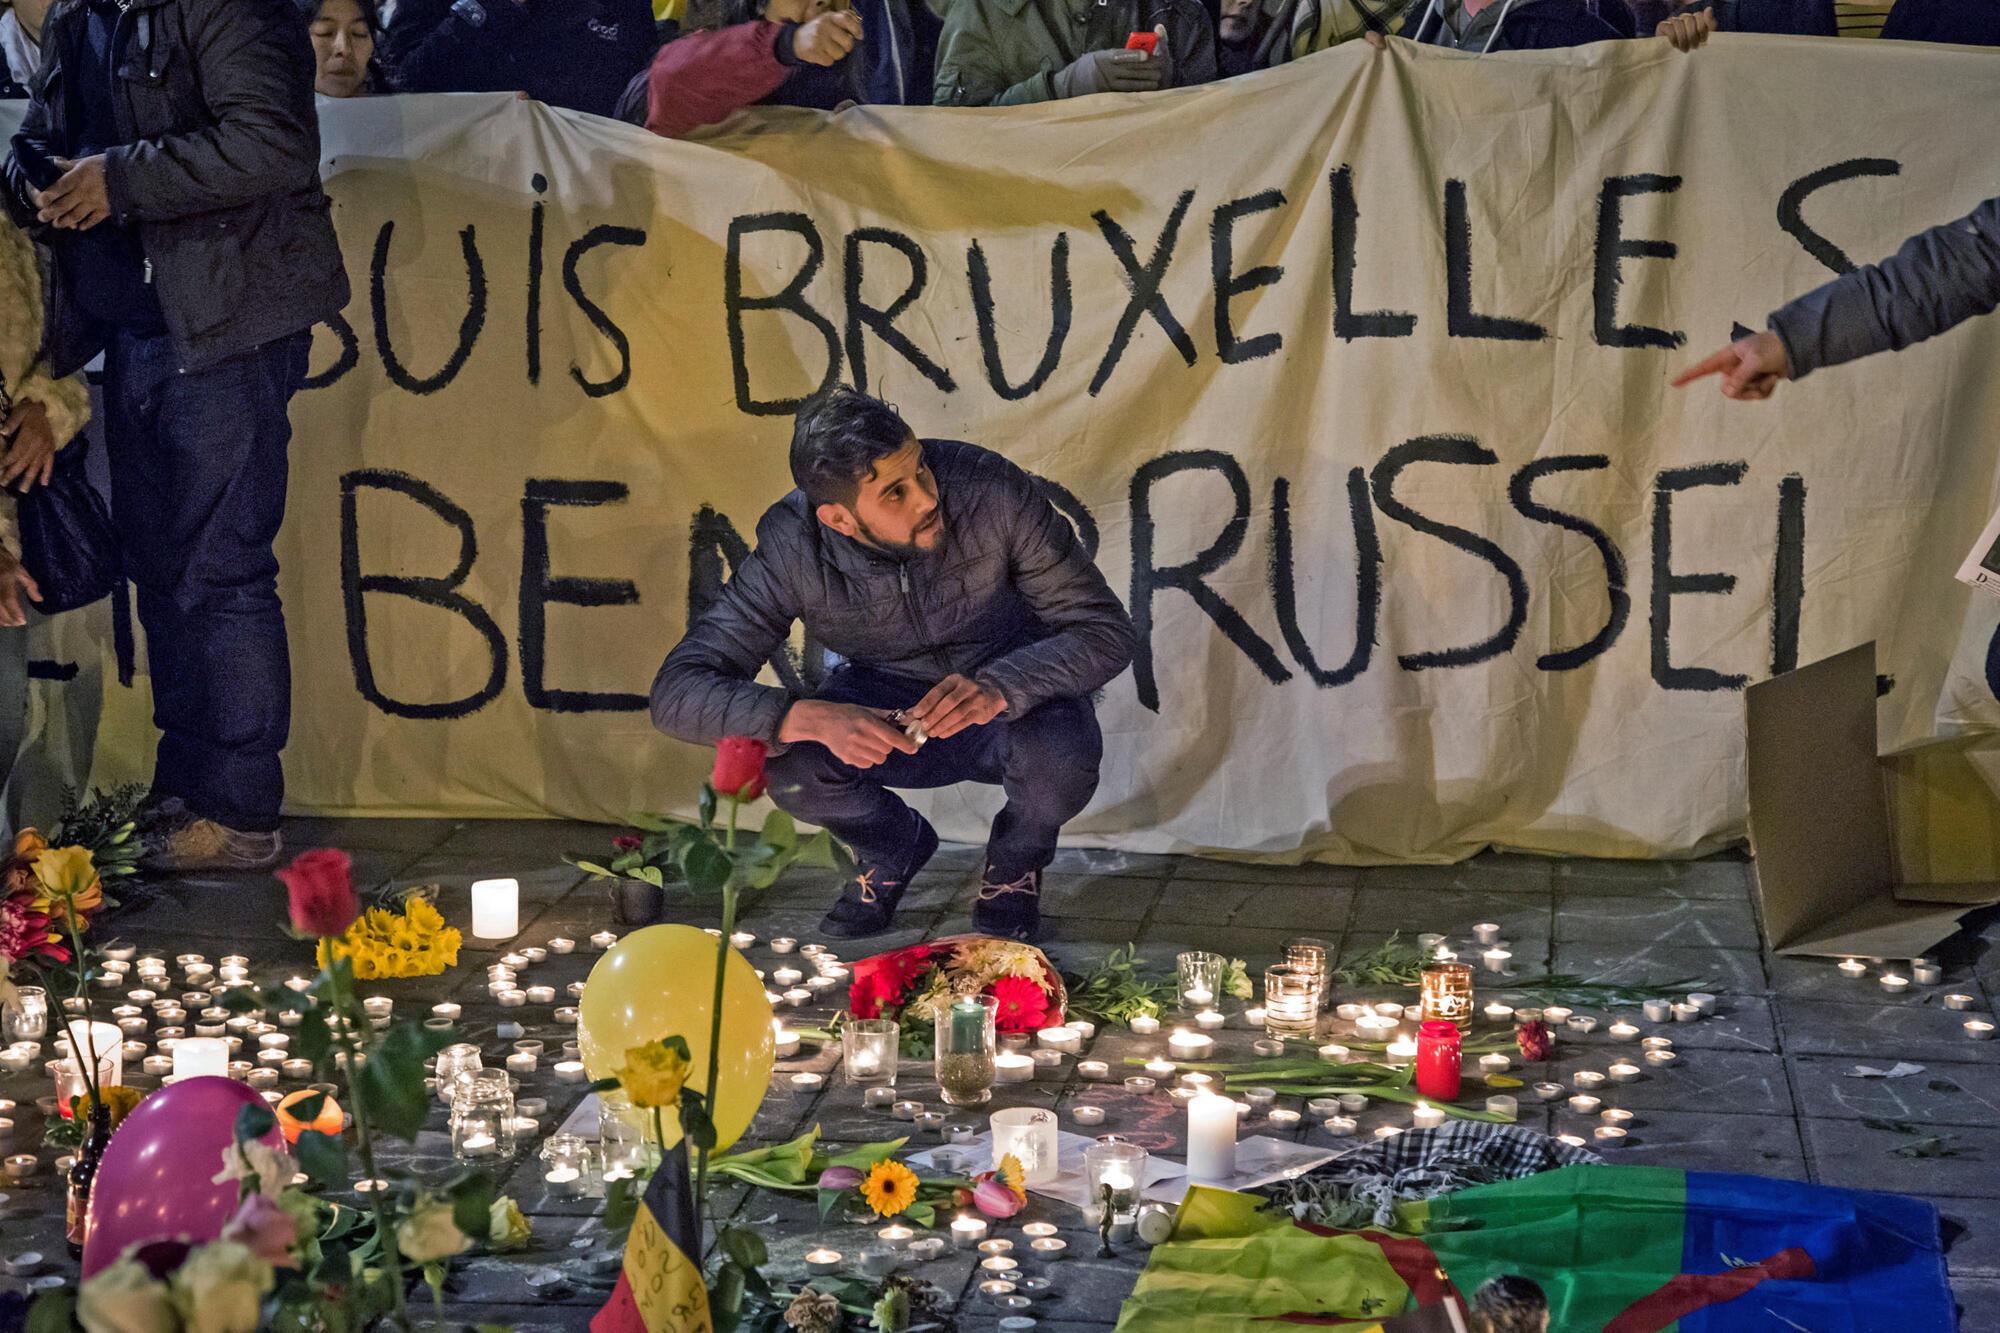 Hommage rendu aux victimes des attentats avec un parterre de fleurs et de bougies devant la Bourse de Bruxelles, le 22 mars 2016.